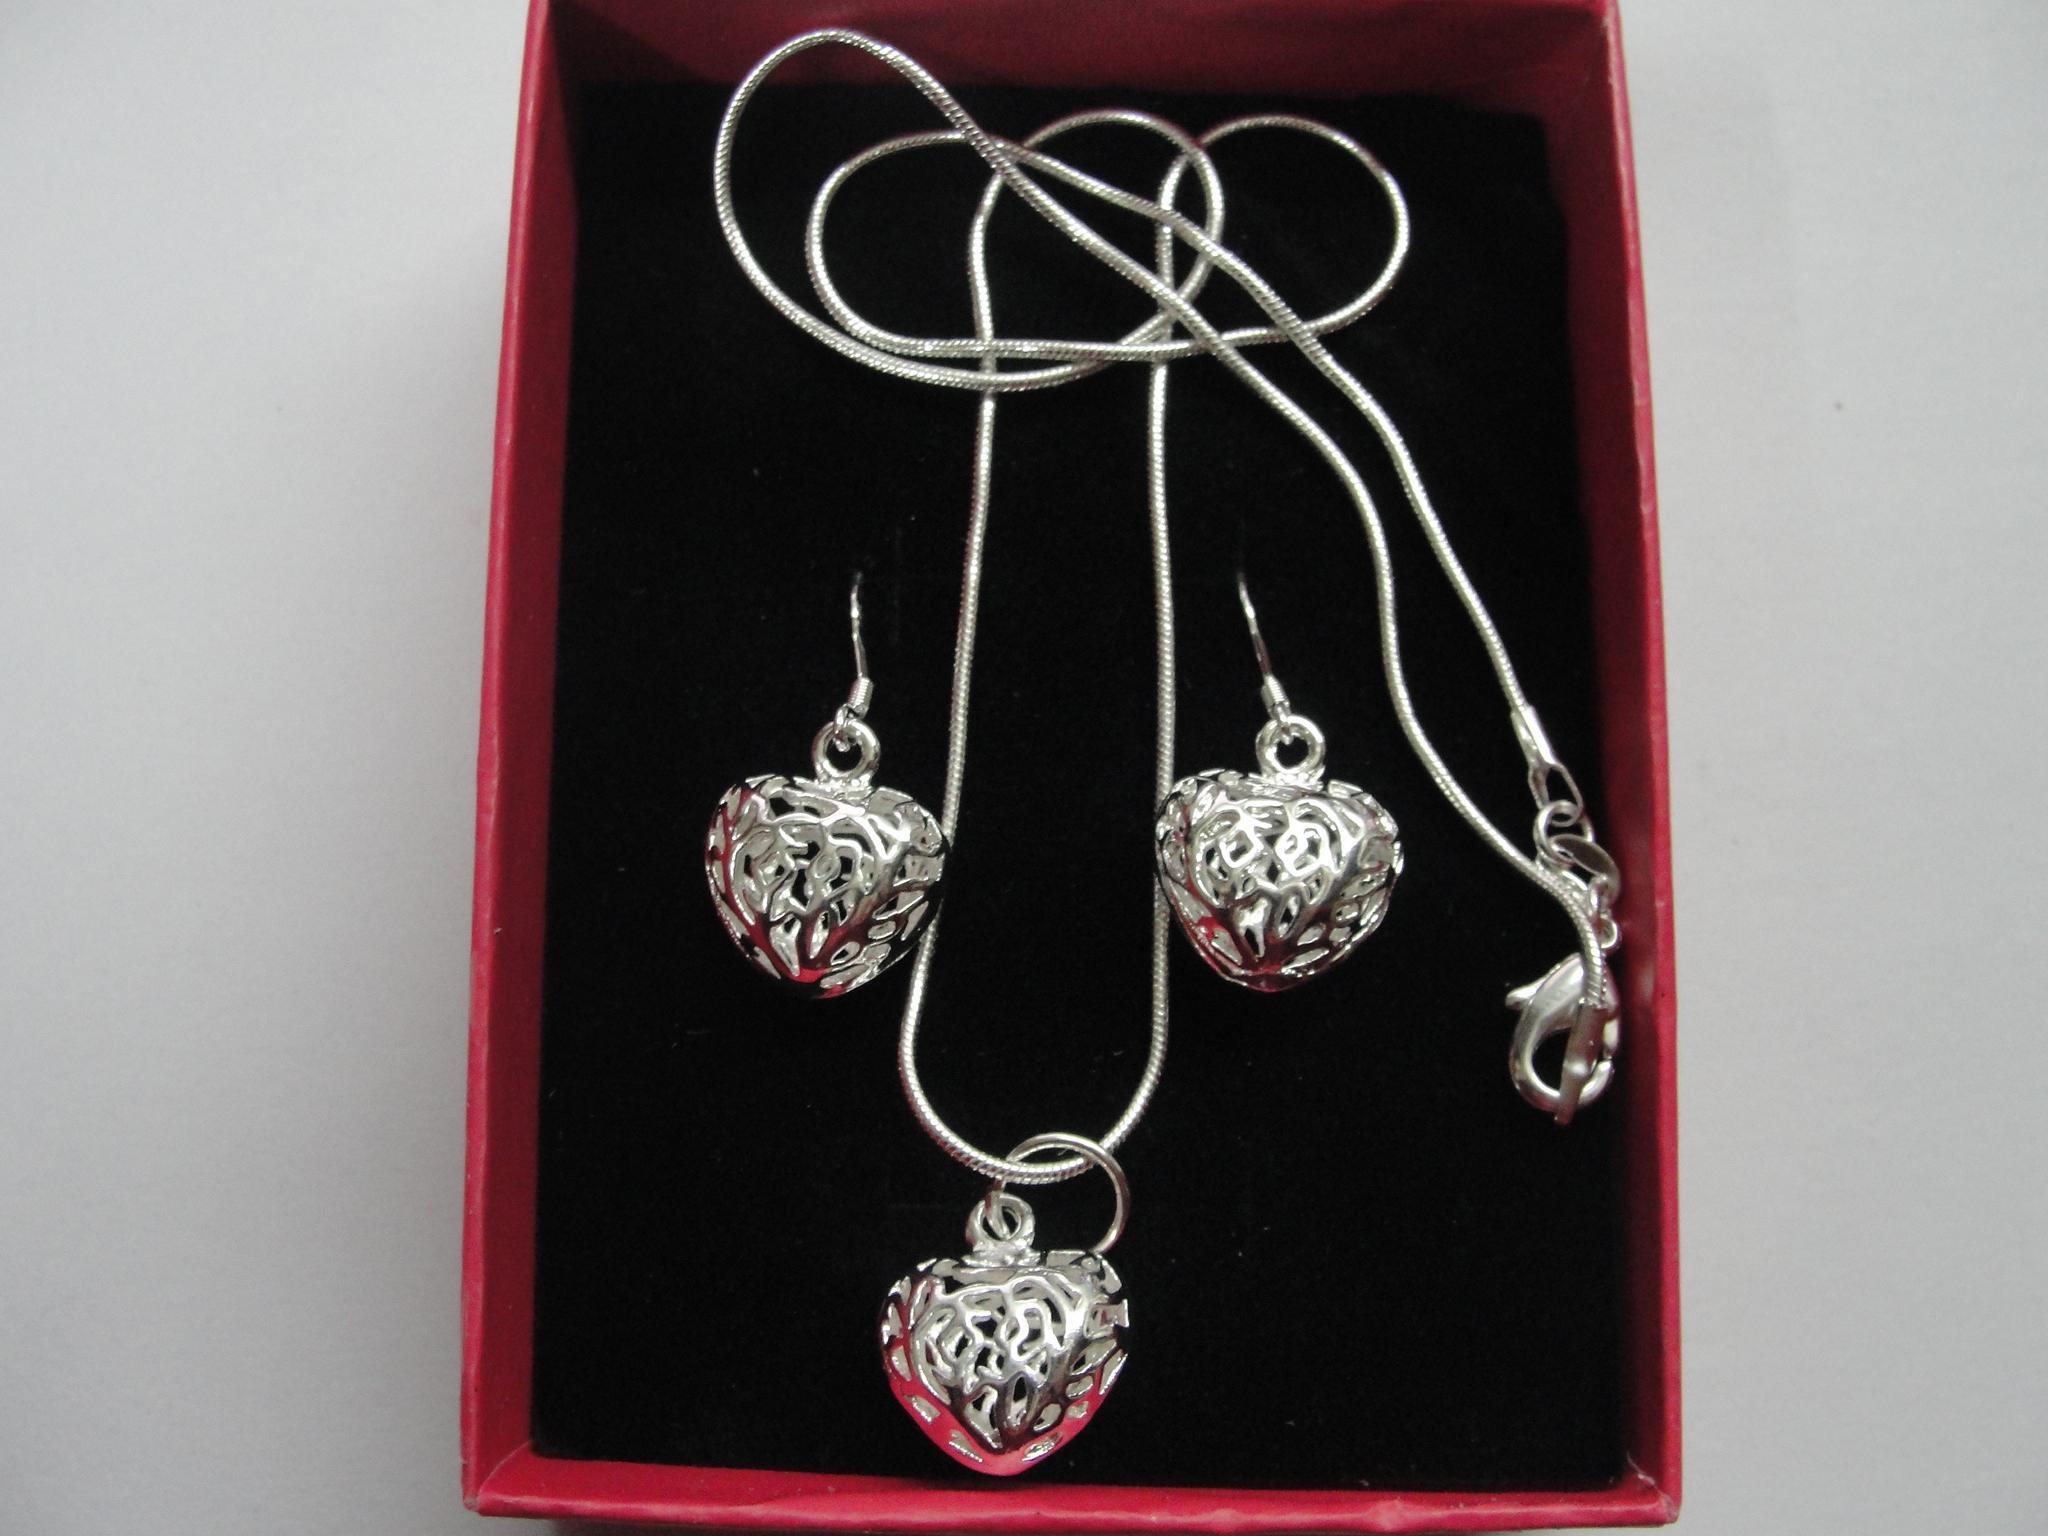 bestes Geschenk 925 silberne Ohrringe höhlen Herzanhänger-Schlangenkette Halskette + Ohrringe stellten / ein